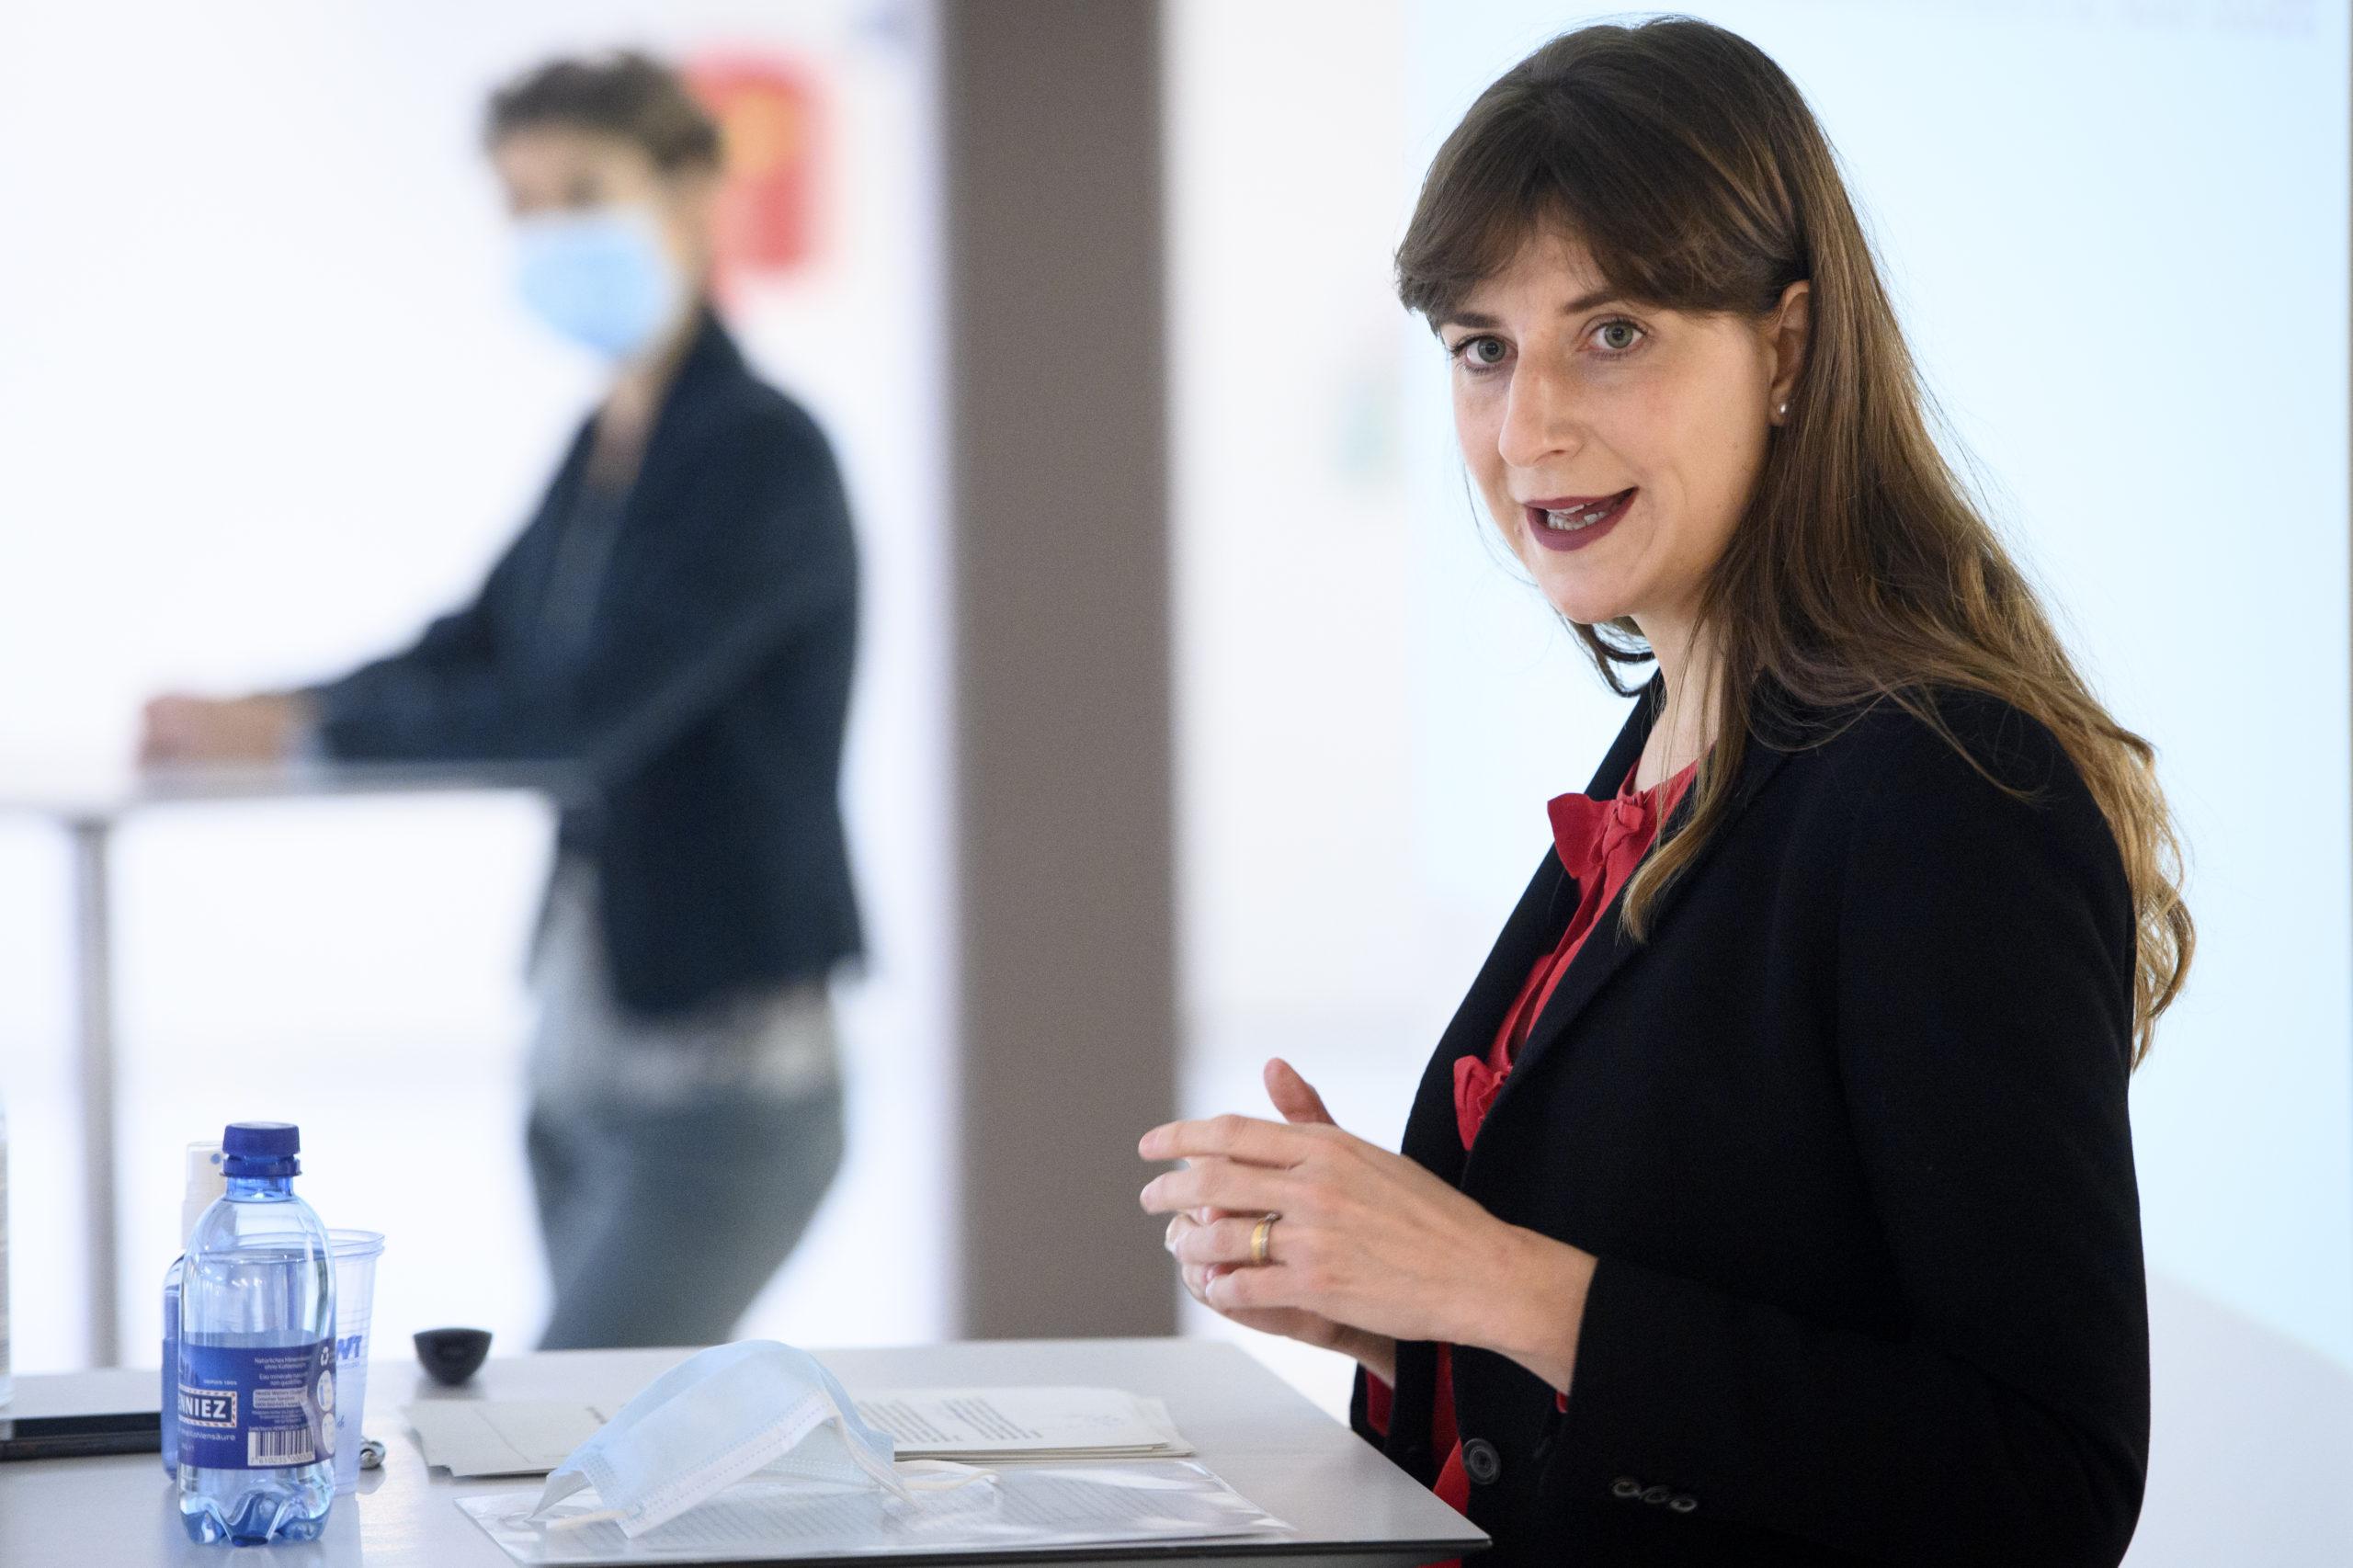 Nouvelle souche: Vaud élargit ses mesures de quarantaine